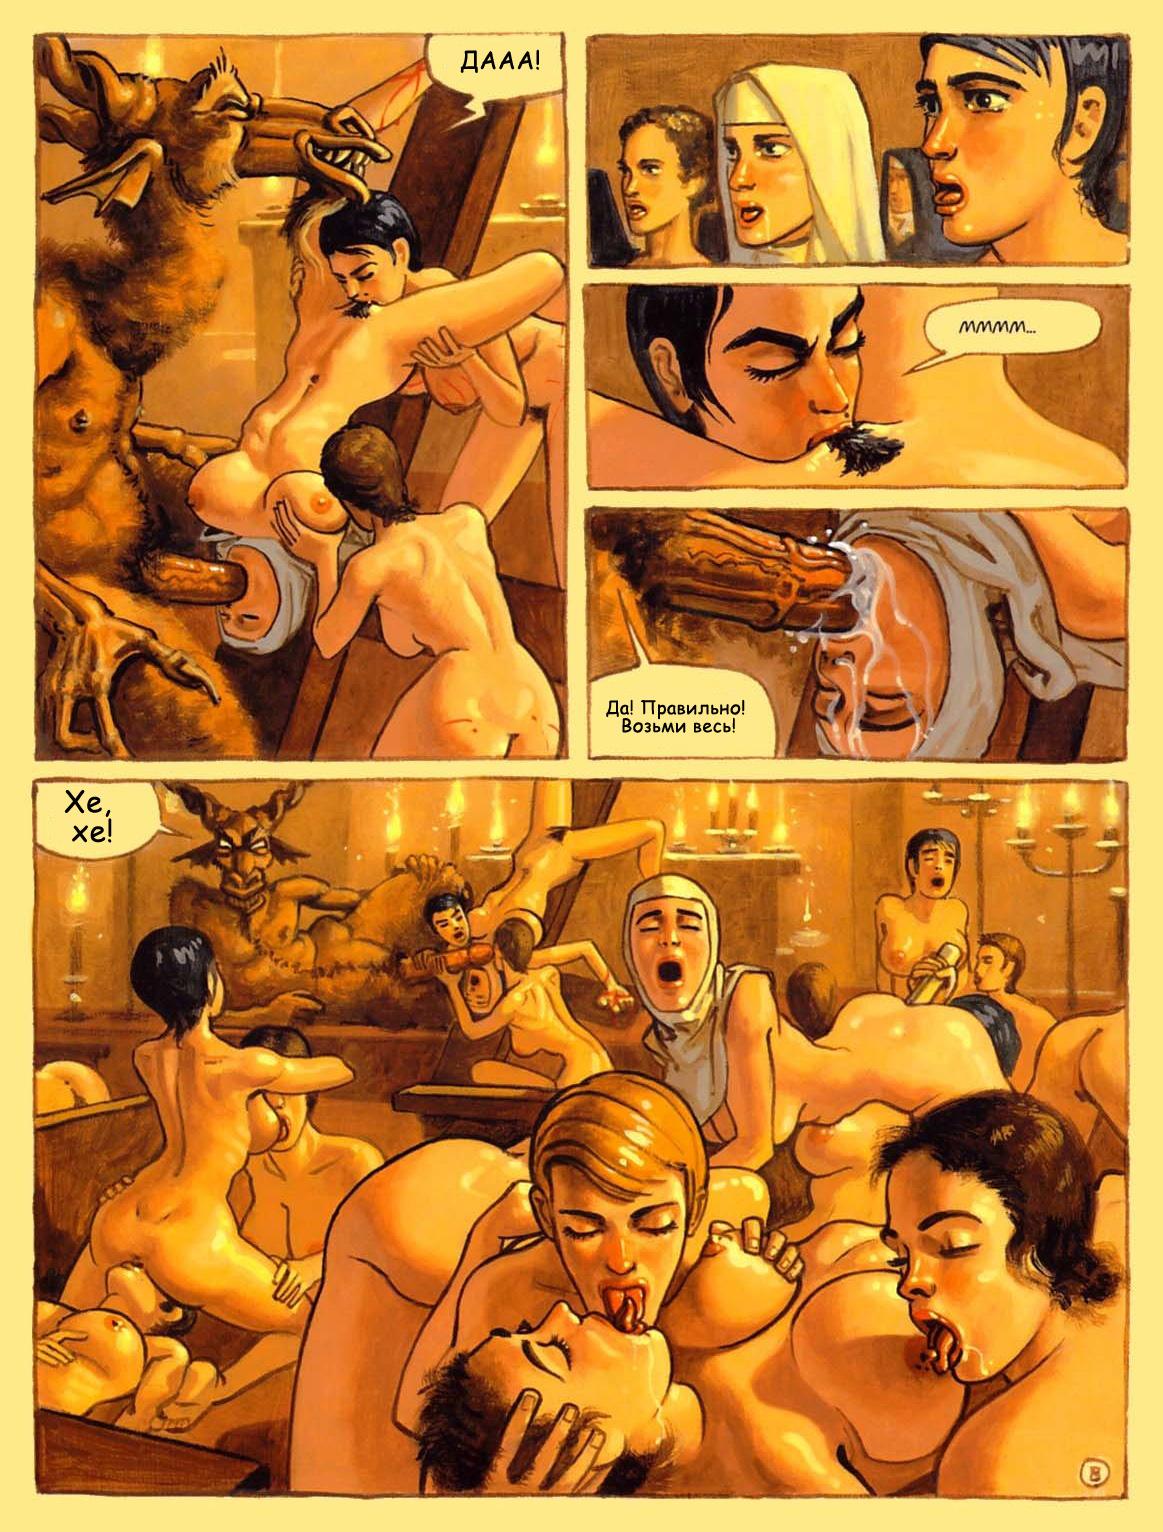 Развратное порно в монастыре 5 фотография